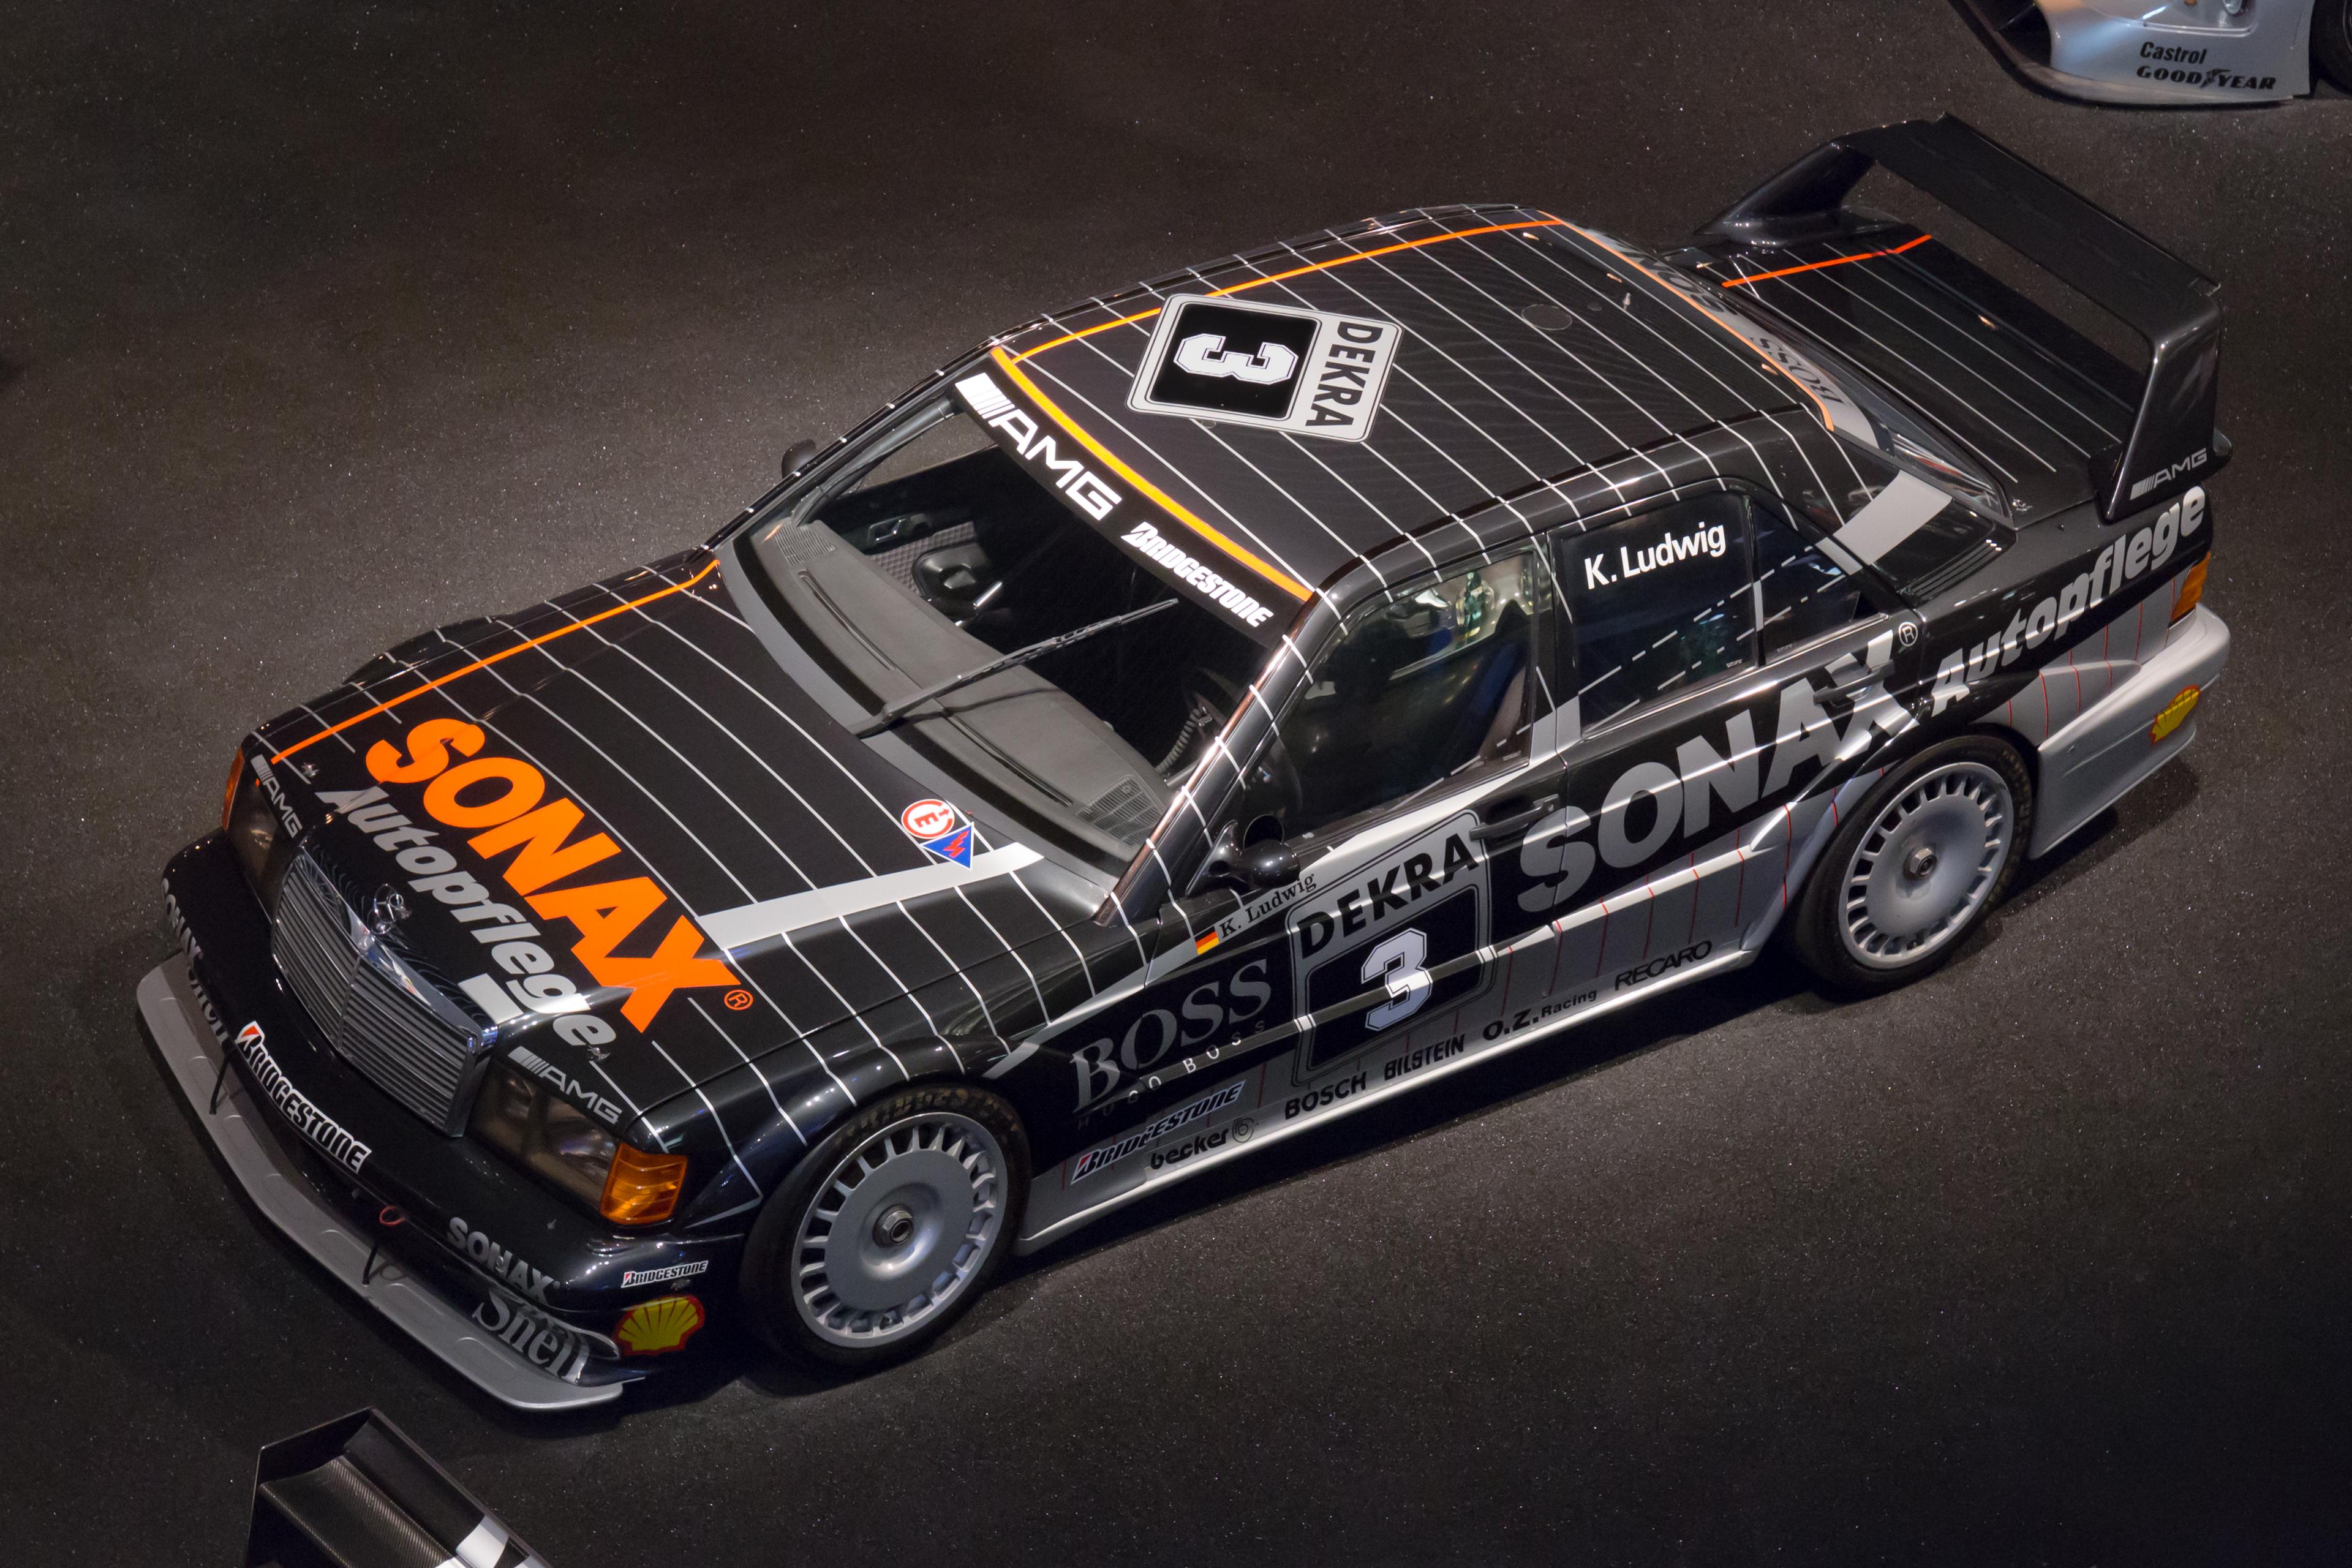 File:Mercedes-Benz 190E Evolution II DTM top Mercedes-Benz ...